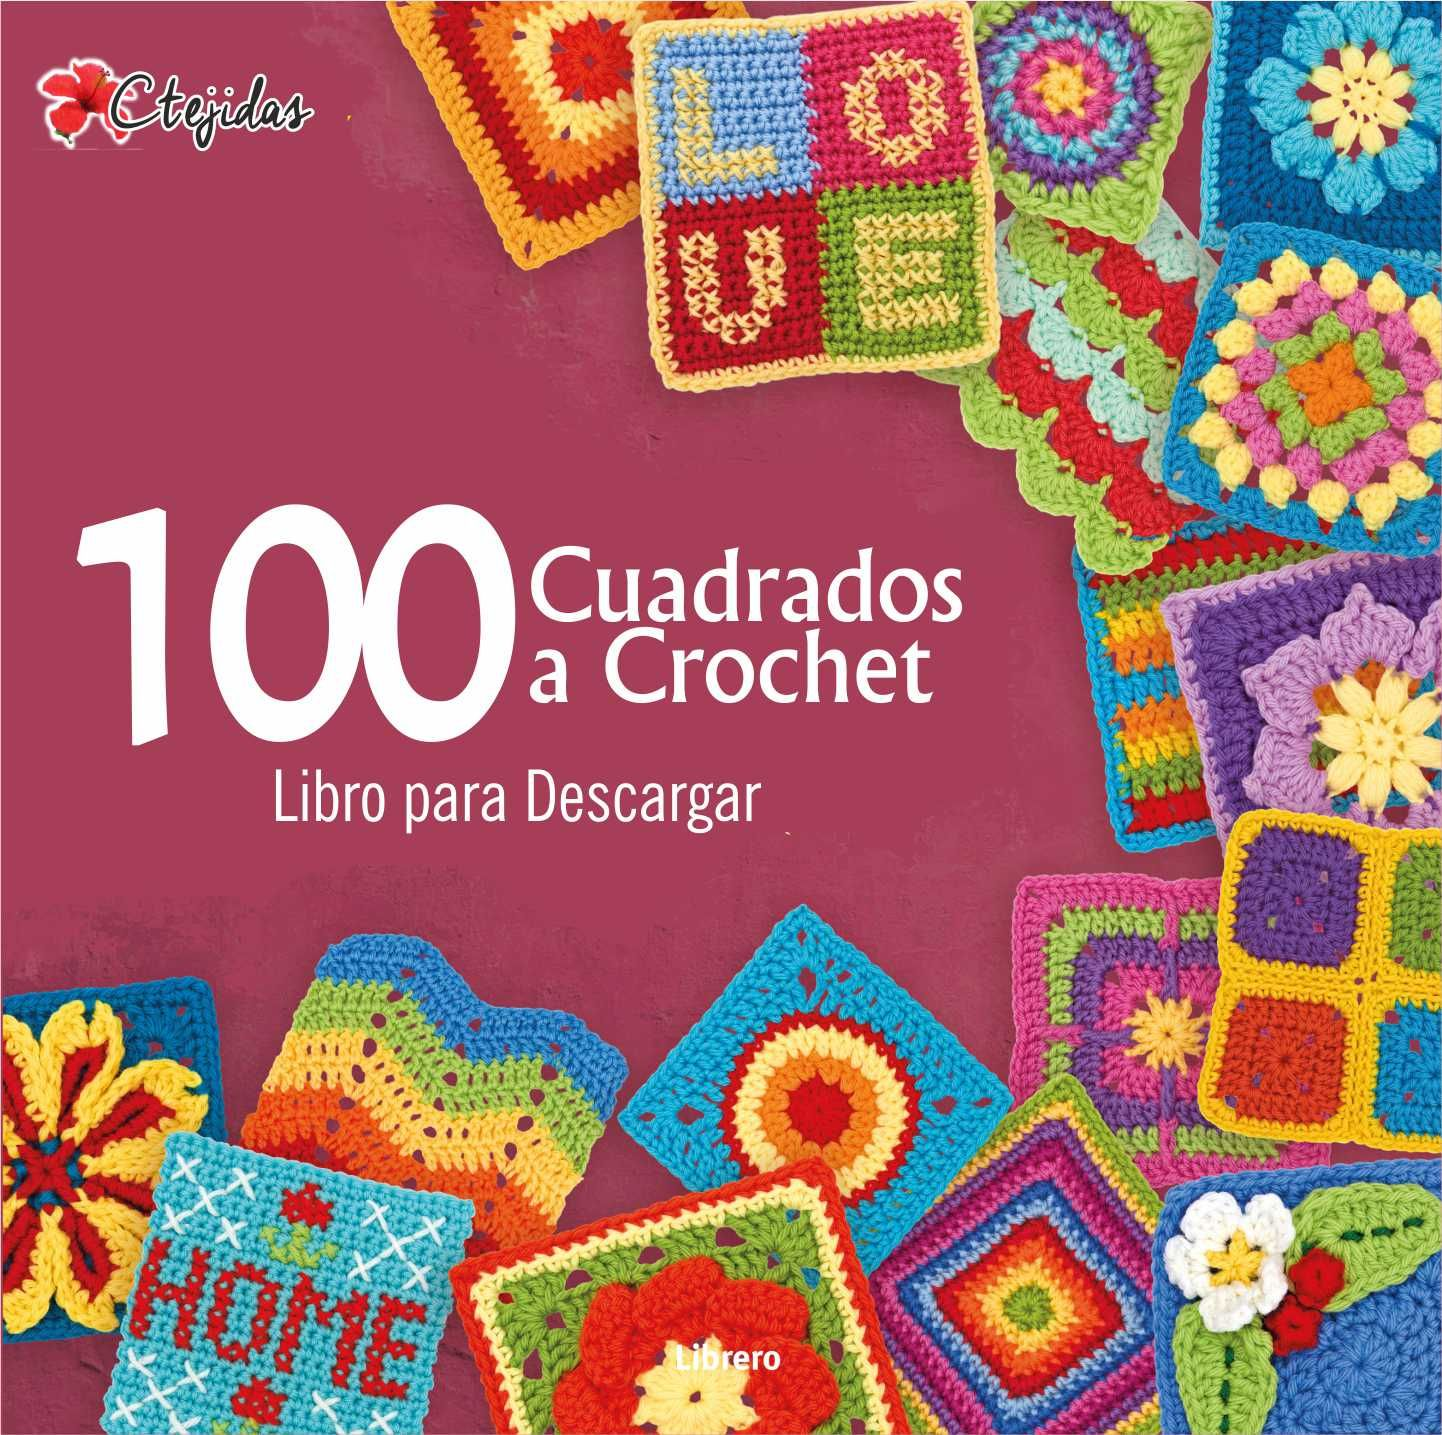 100 Grannys a Crochet - Libro para Descargar | Tejidos crochet ...